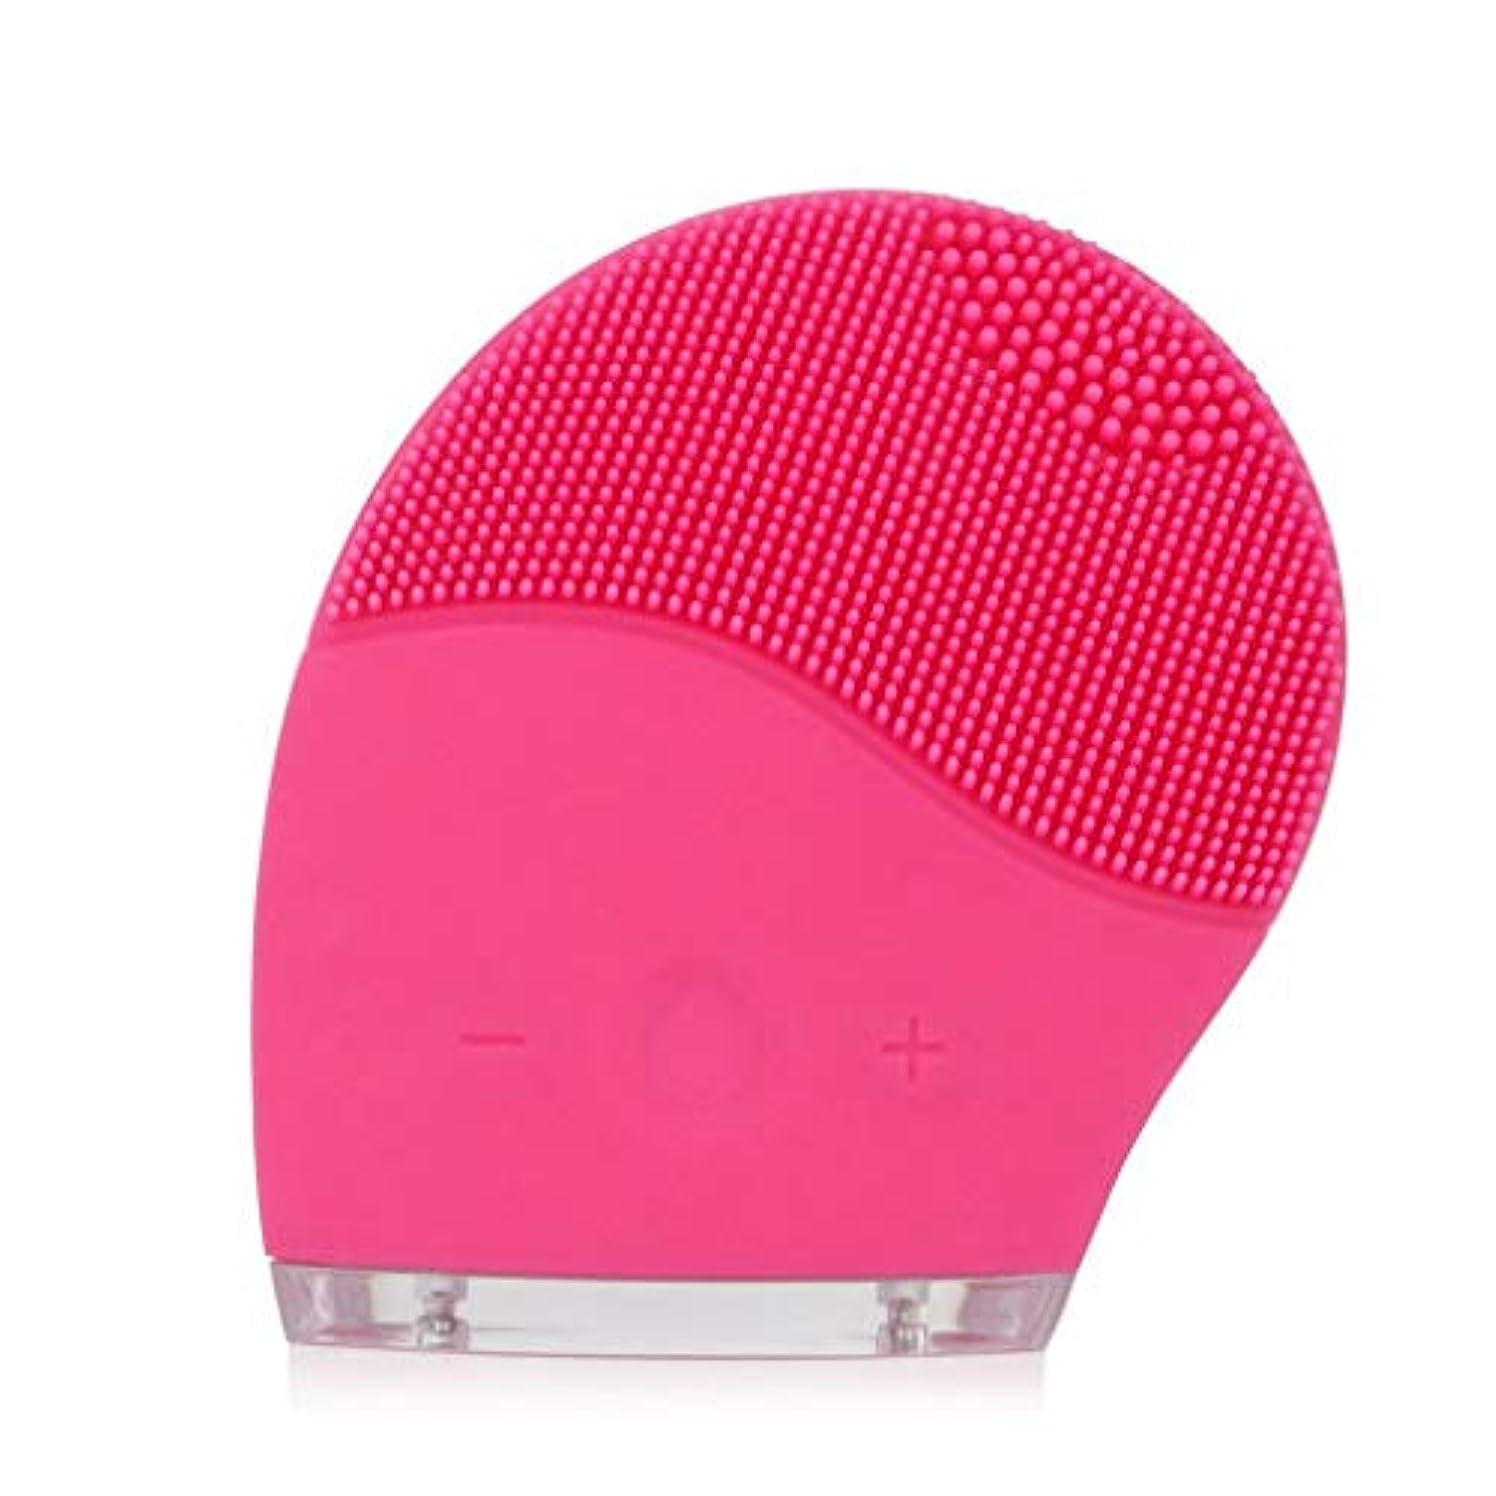 本迷彩魅力的フェイシャルクレンジングブラシ、電気シリコーンフェイシャルマッサージブラシ防水アンチエイジングスキンクレンザー、ディープエクスフォリエイティングメイクアップツール、フェイシャルポリッシュ、スクラブ (Color : Pink)